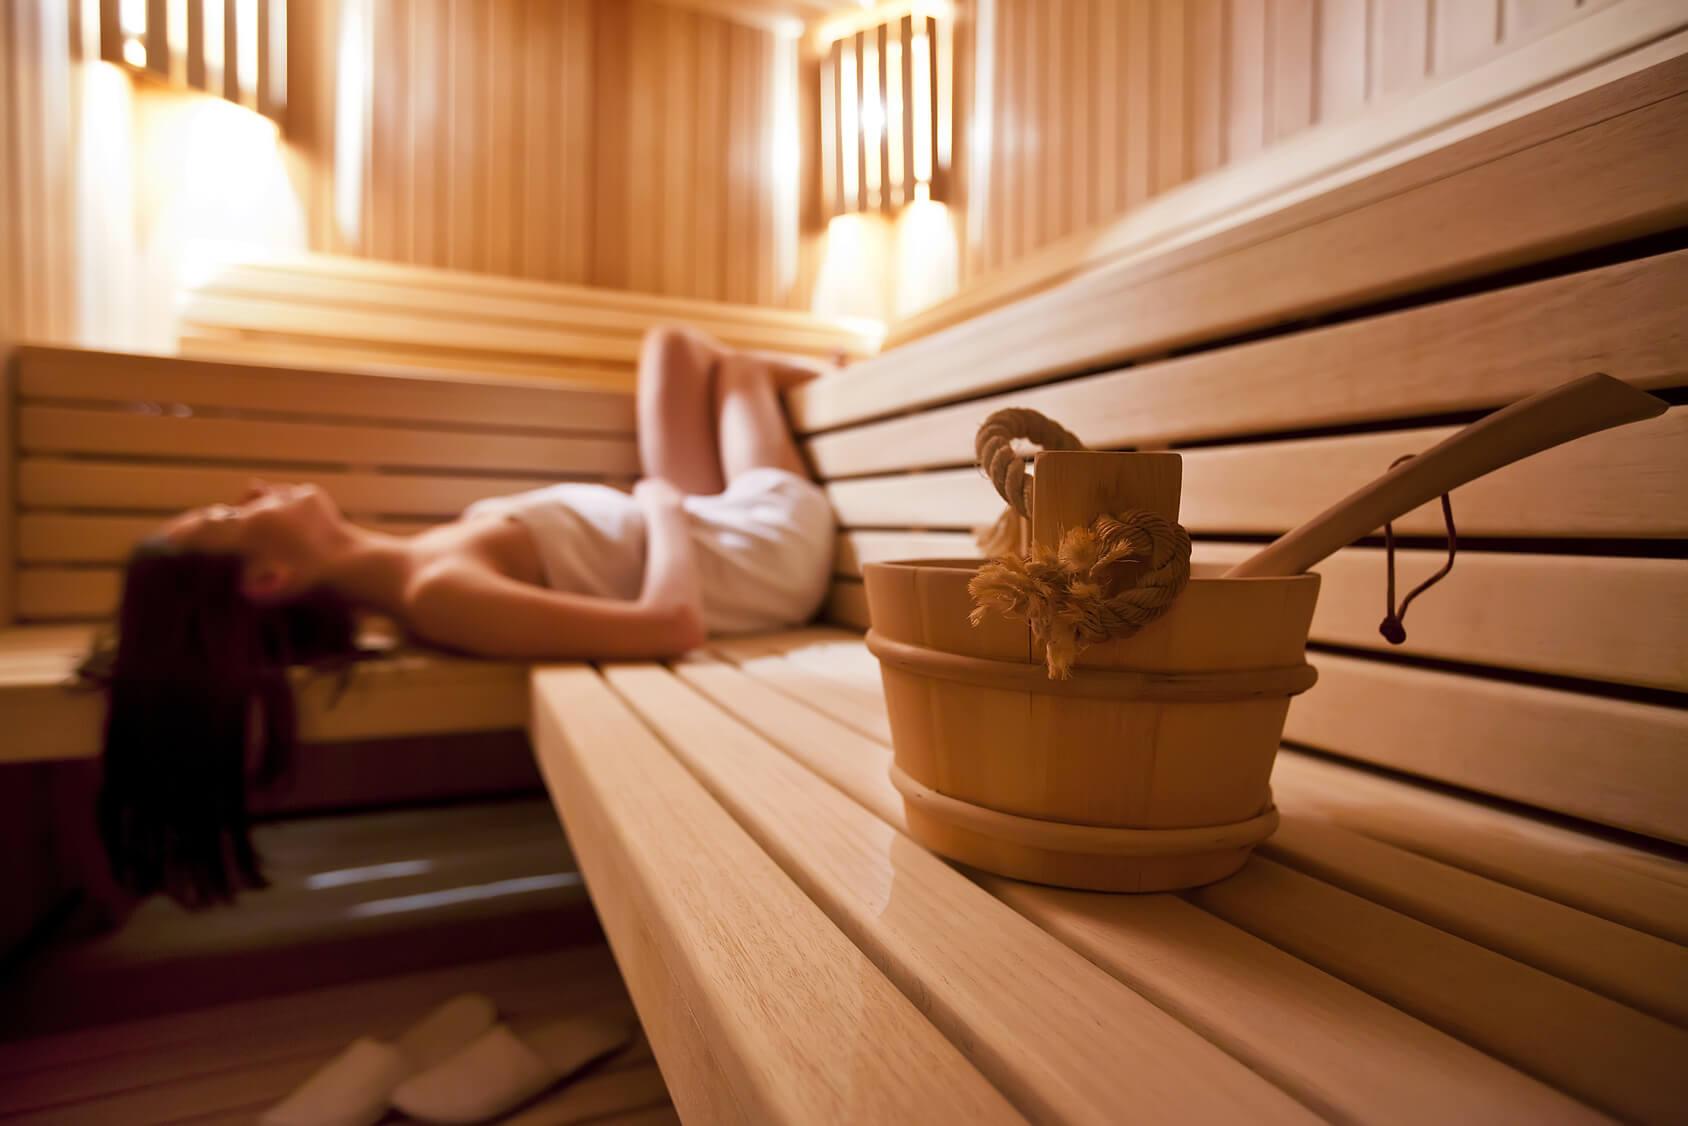 Sauna nackt sex in der Kostenloses sauna